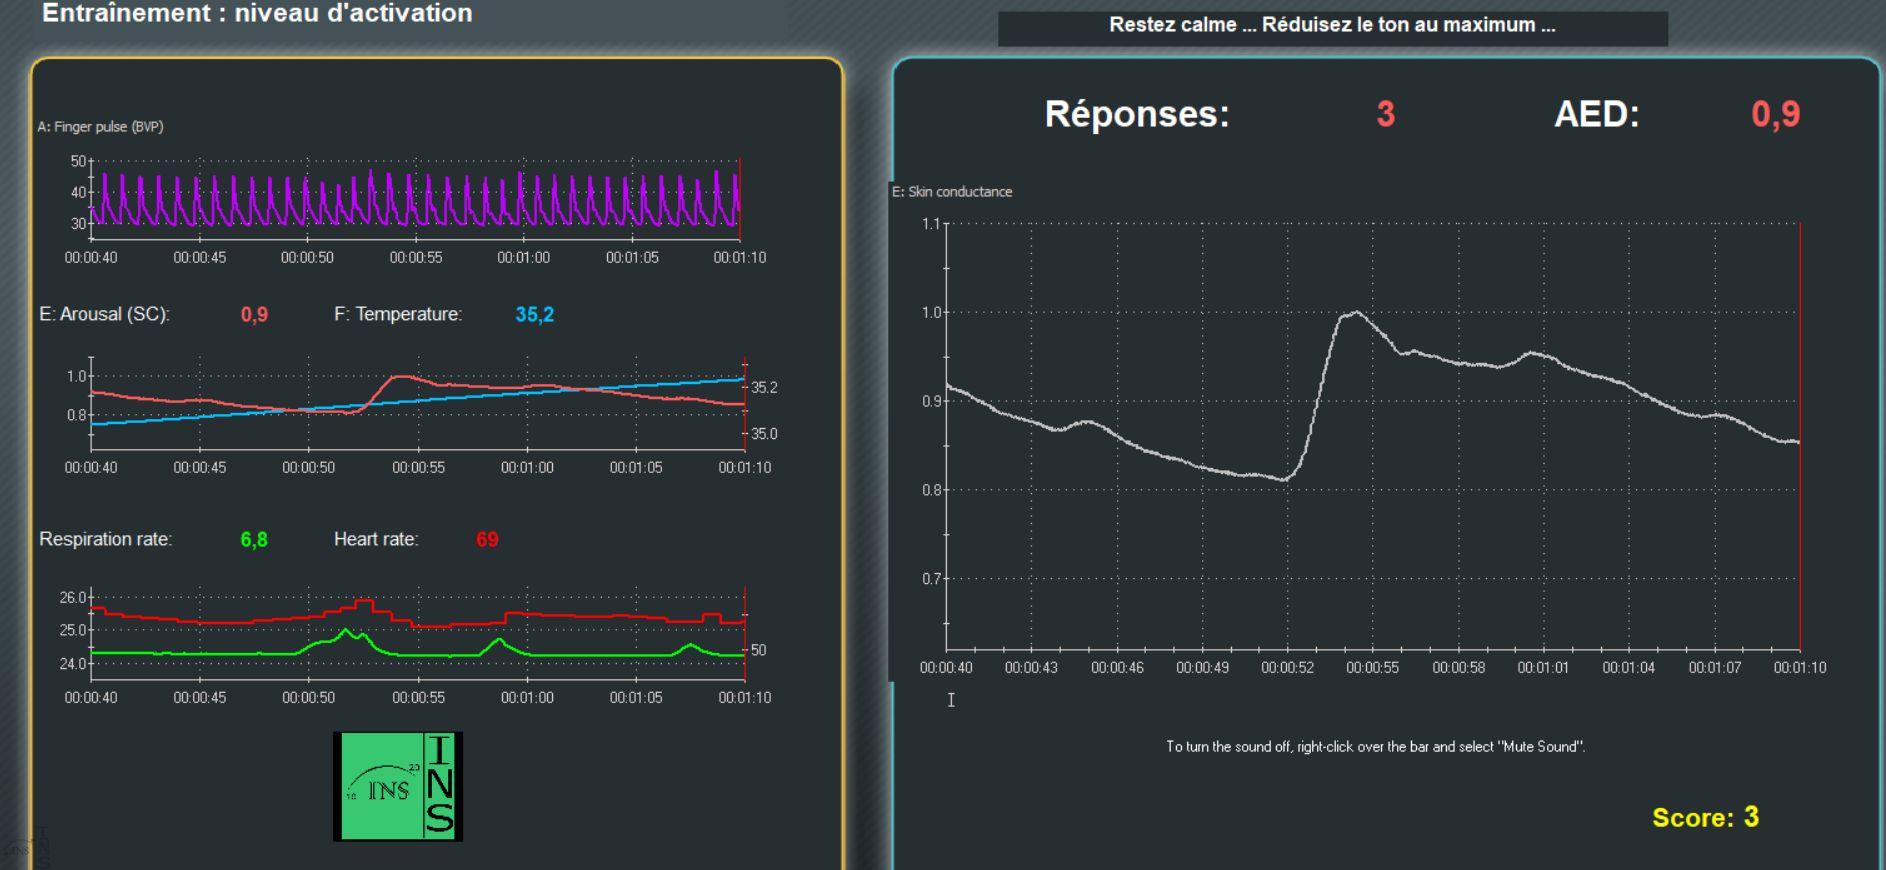 écran de biofeedback électrodermal, niveau d'activation.